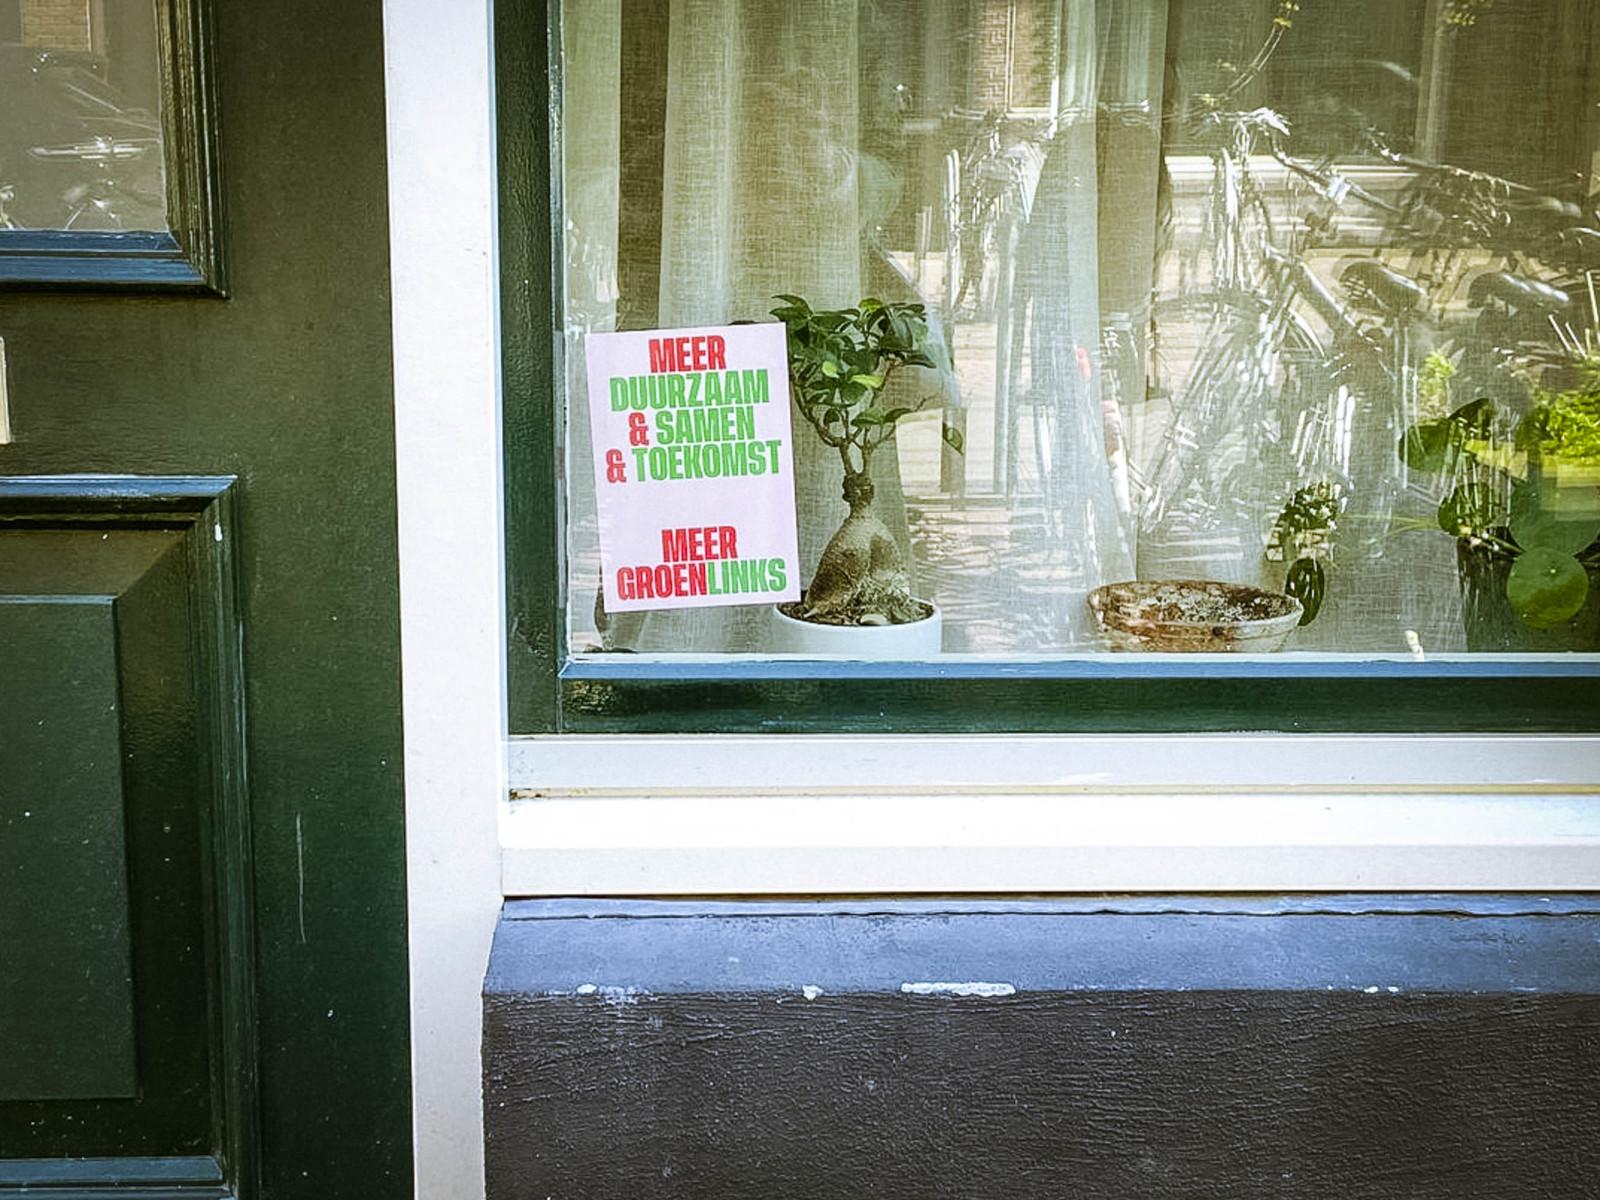 家の窓に支持政党のポスターを貼るのも普通らしい。